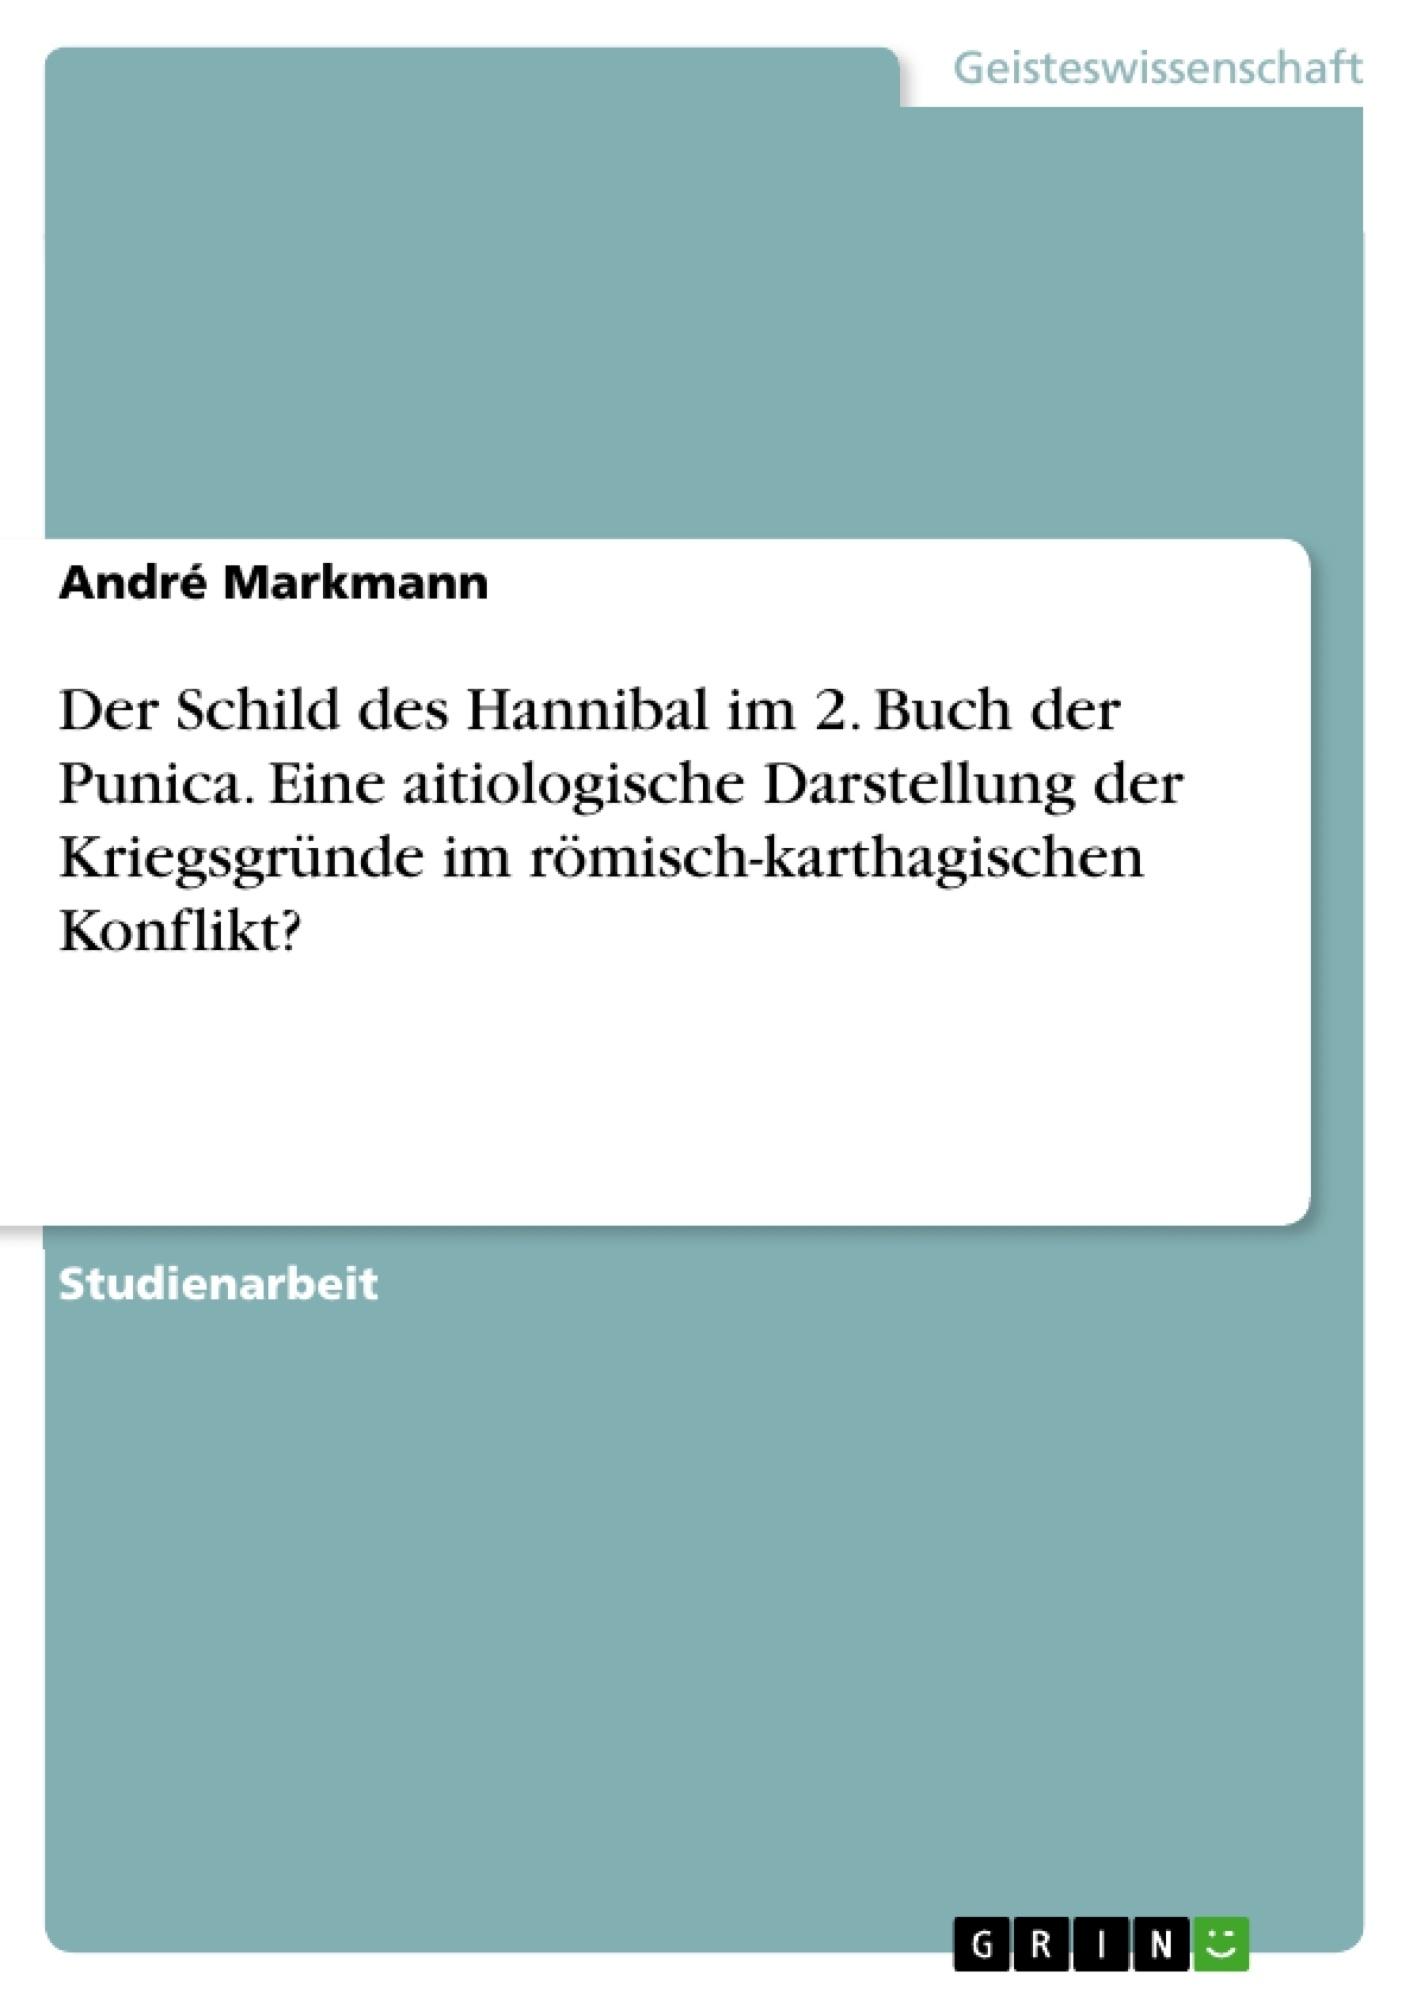 Titel: Der Schild des Hannibal im 2. Buch der Punica. Eine aitiologische Darstellung der Kriegsgründe im römisch-karthagischen Konflikt?